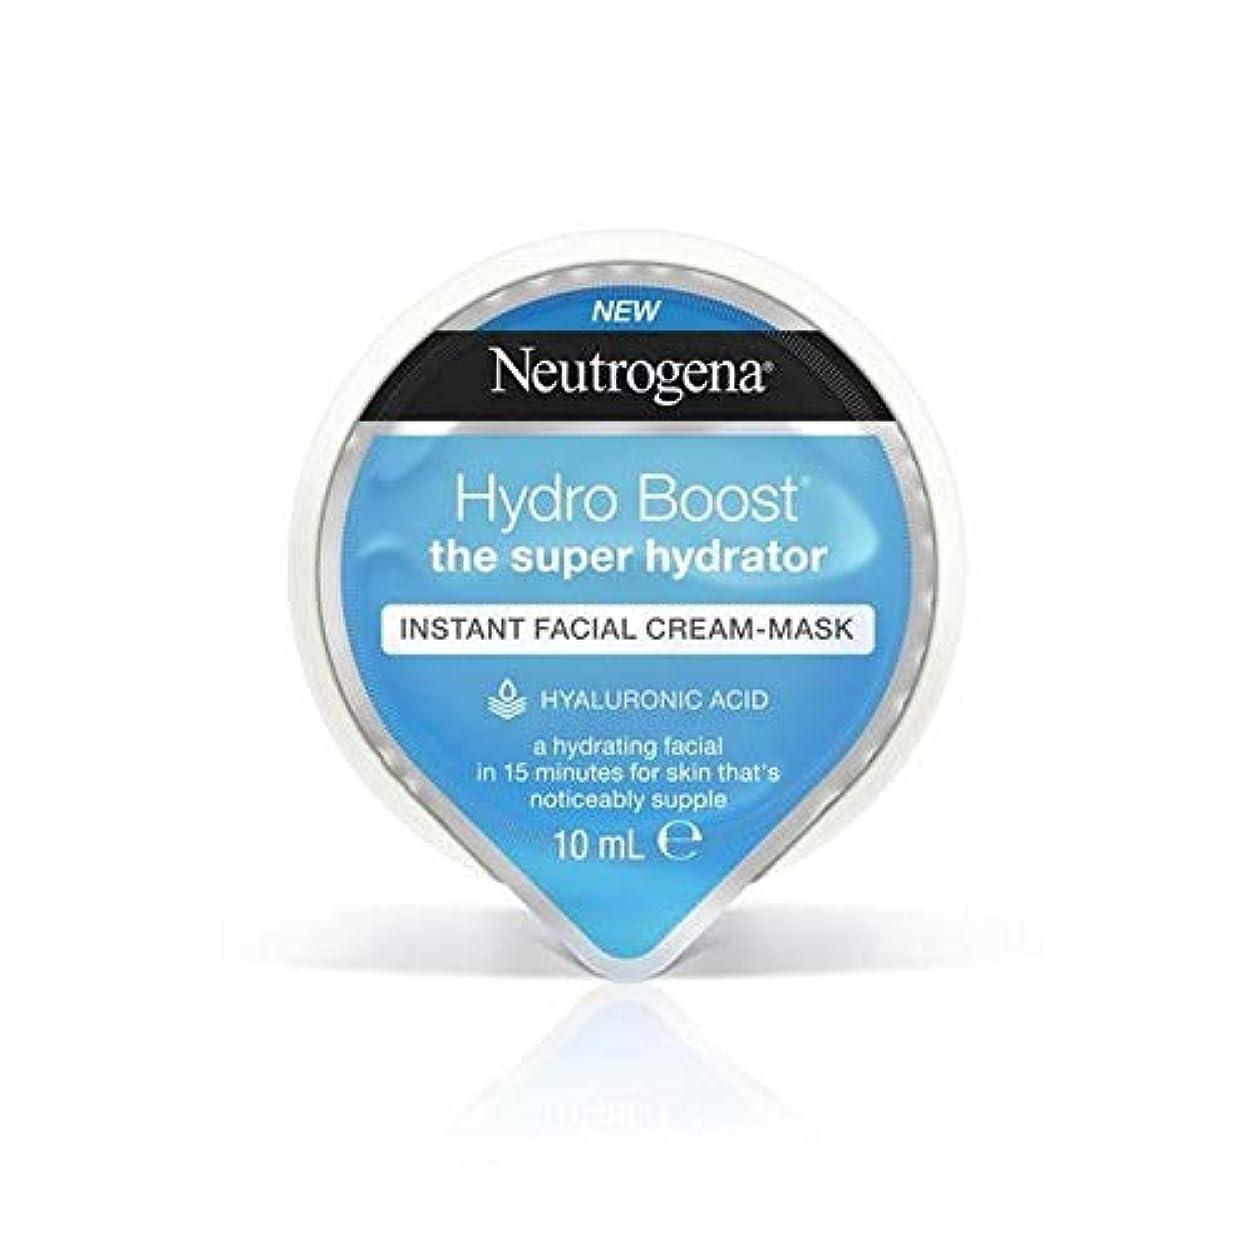 移民メンタリティ水分[Neutrogena] ニュートロジーナ水力発電は、インスタントフェイシャルクリームマスク10ミリリットルを後押し - Neutrogena Hydro Boost Instant Facial Cream Mask...